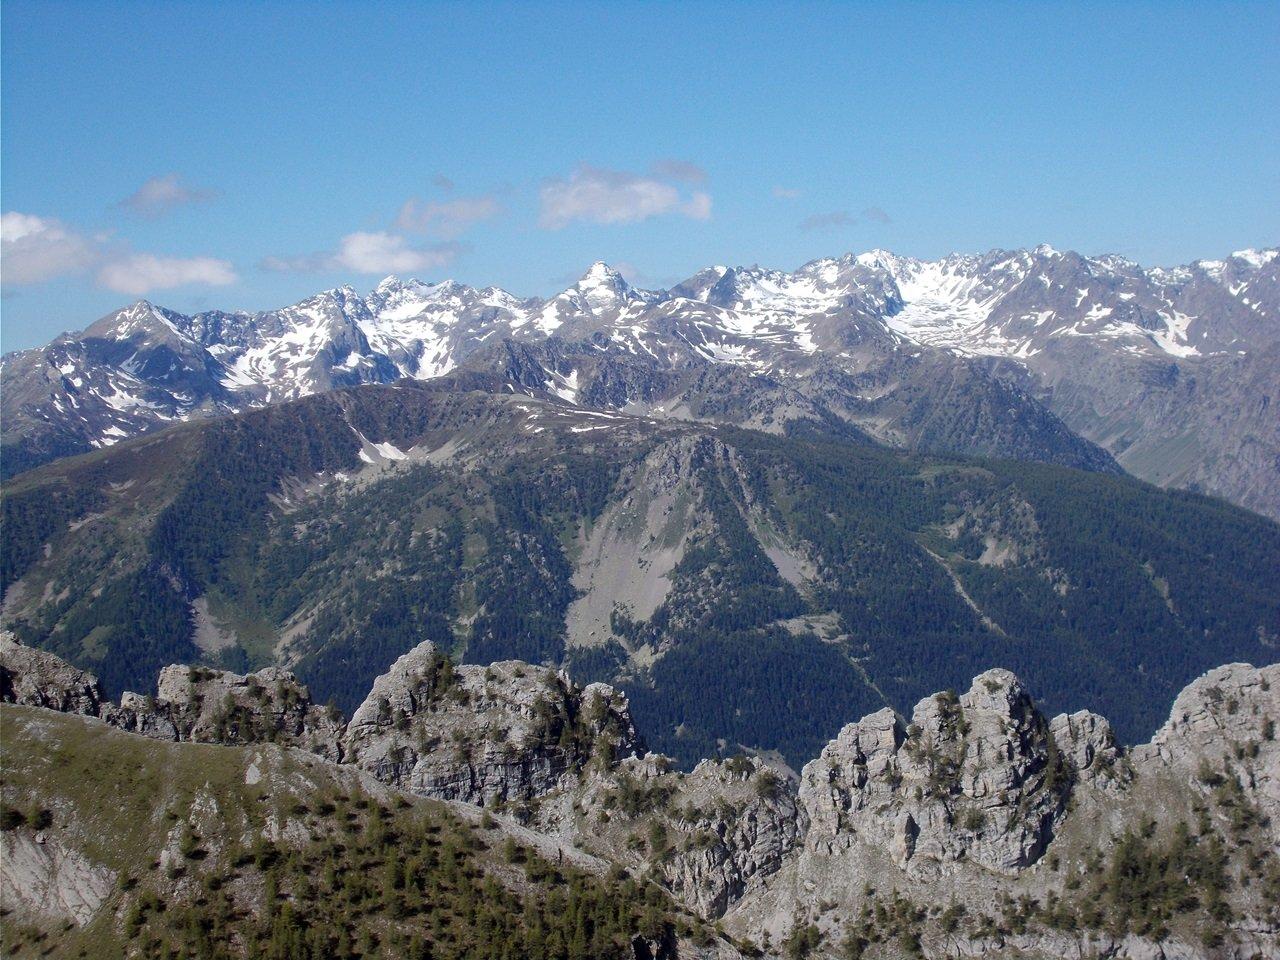 le montagne della Valle Stura imbiancate